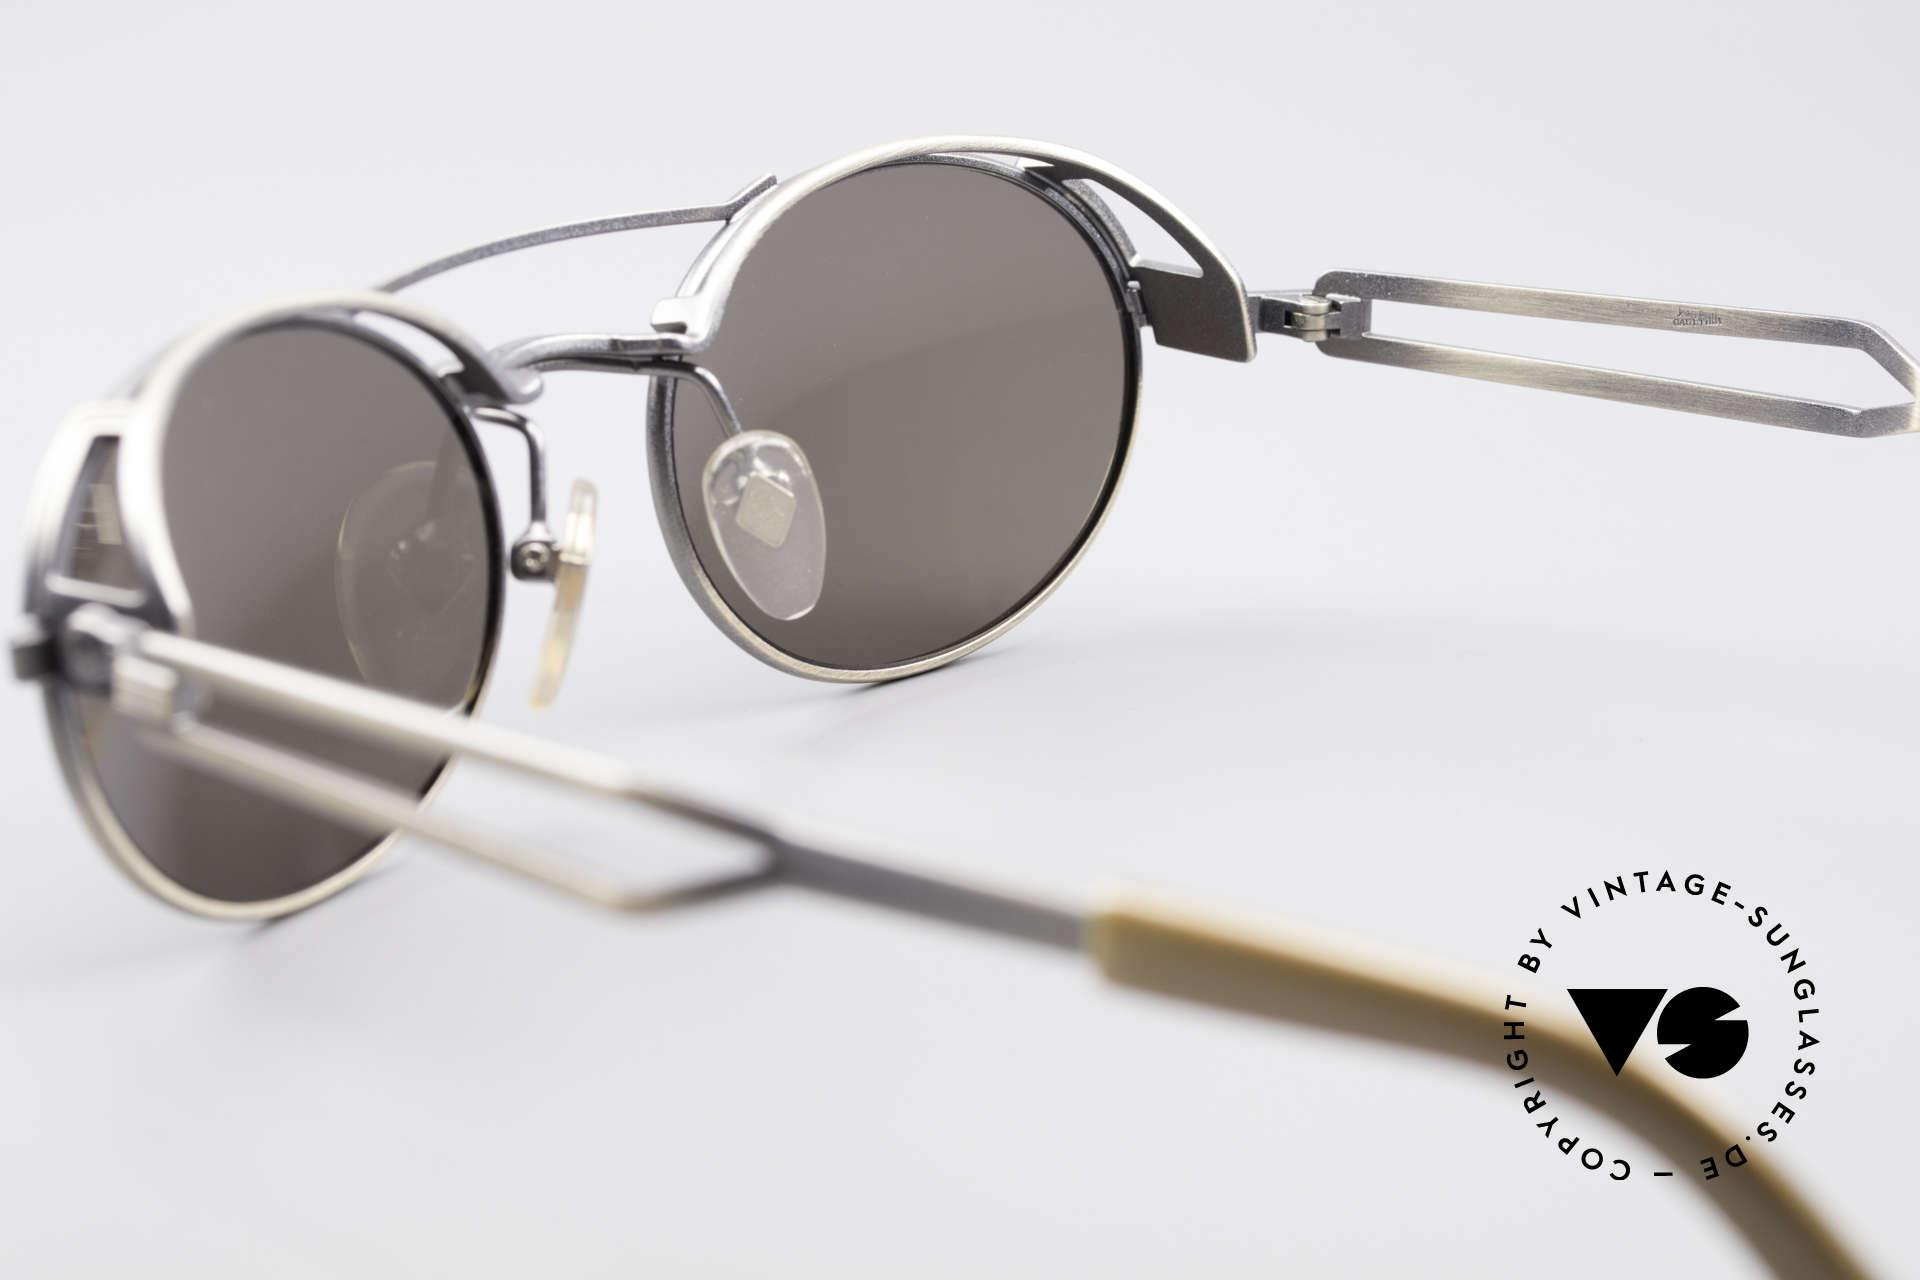 Jean Paul Gaultier 56-7107 Industrial Vintage Brille, KEINE retro Sonnenbrille; ein ca. 25 Jahre altes Original, Passend für Herren und Damen